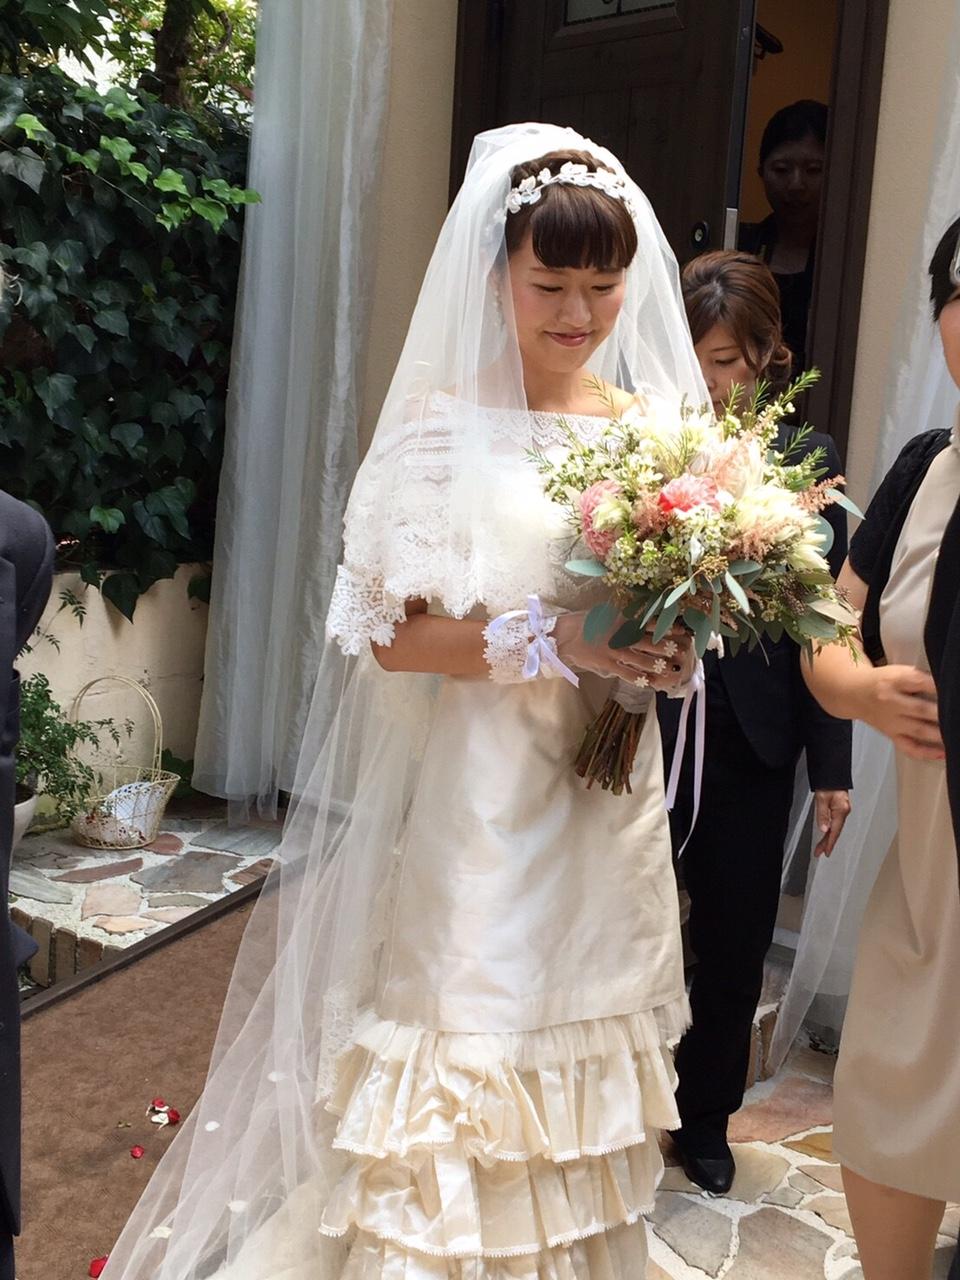 素敵な先輩花嫁様『クラシカルモダンなドレスで叶えたクラシカル